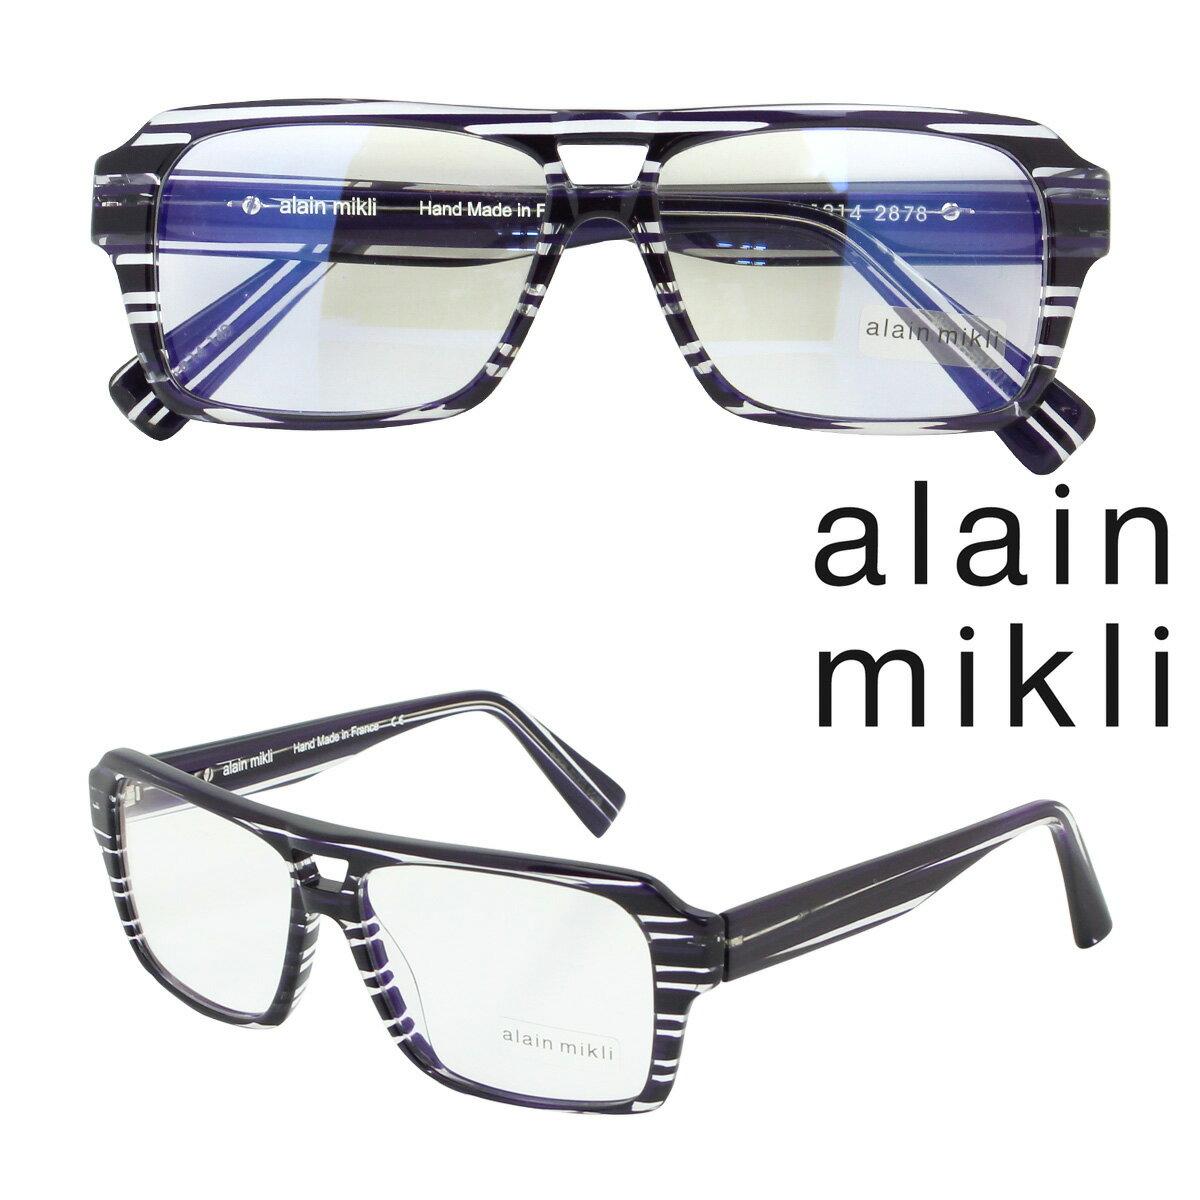 アランミクリ alain mikli メガネ 眼鏡  フランス製 メンズ レディース [返品不可]